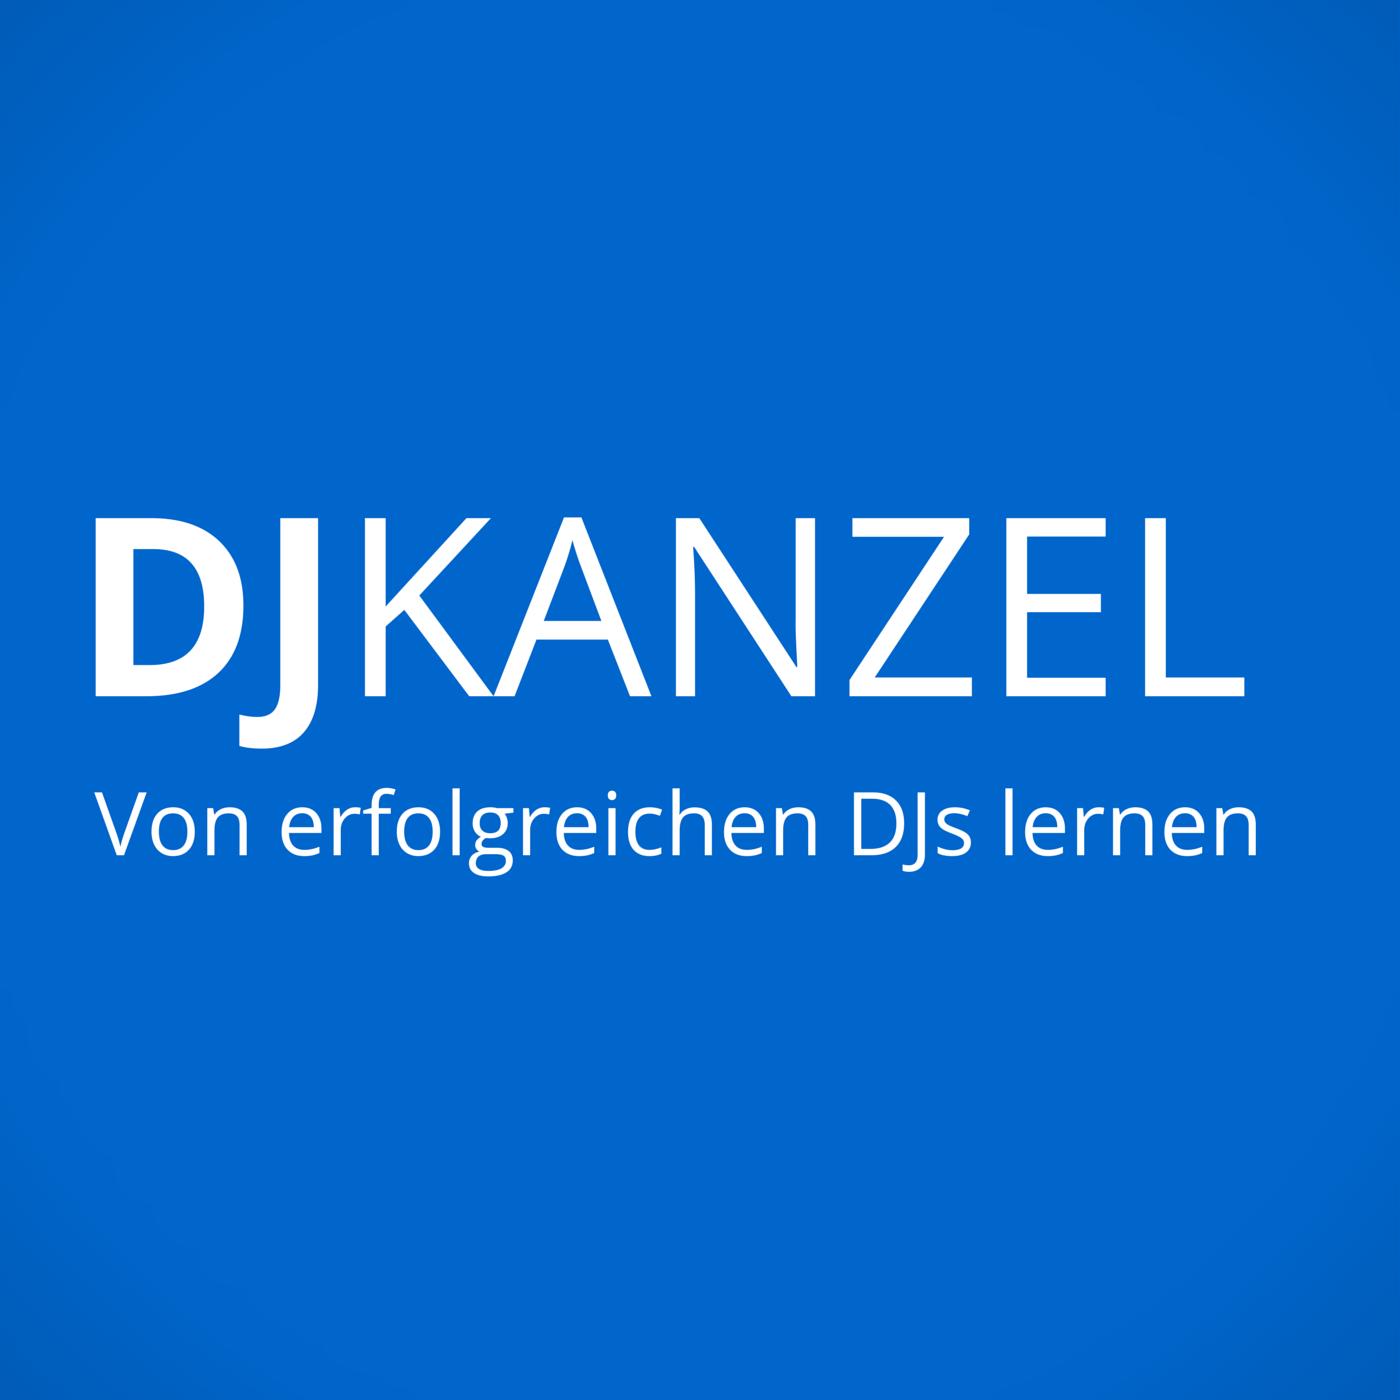 DJ Kanzel | Von erfolgreichen Deejays lernen | DJ-Interviews über Auflegen und DJing mit Discjockey-Kollegen